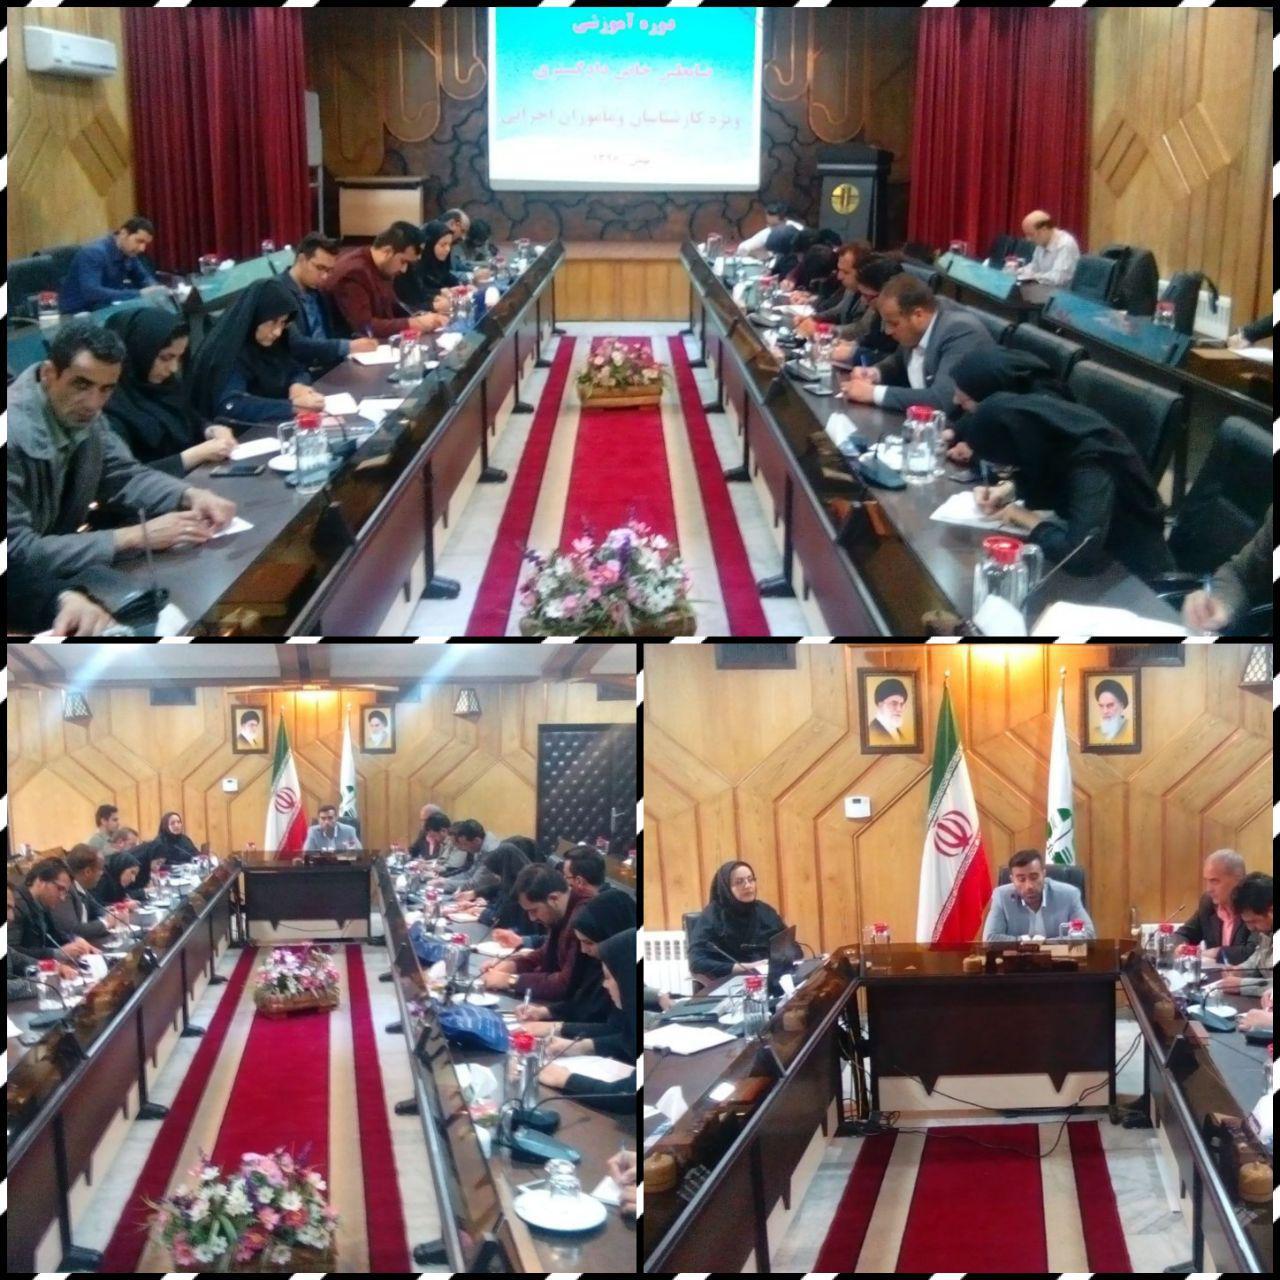 دوره آموزشي ضابطبن خاص دادگستري در اصفهان برگزار شد